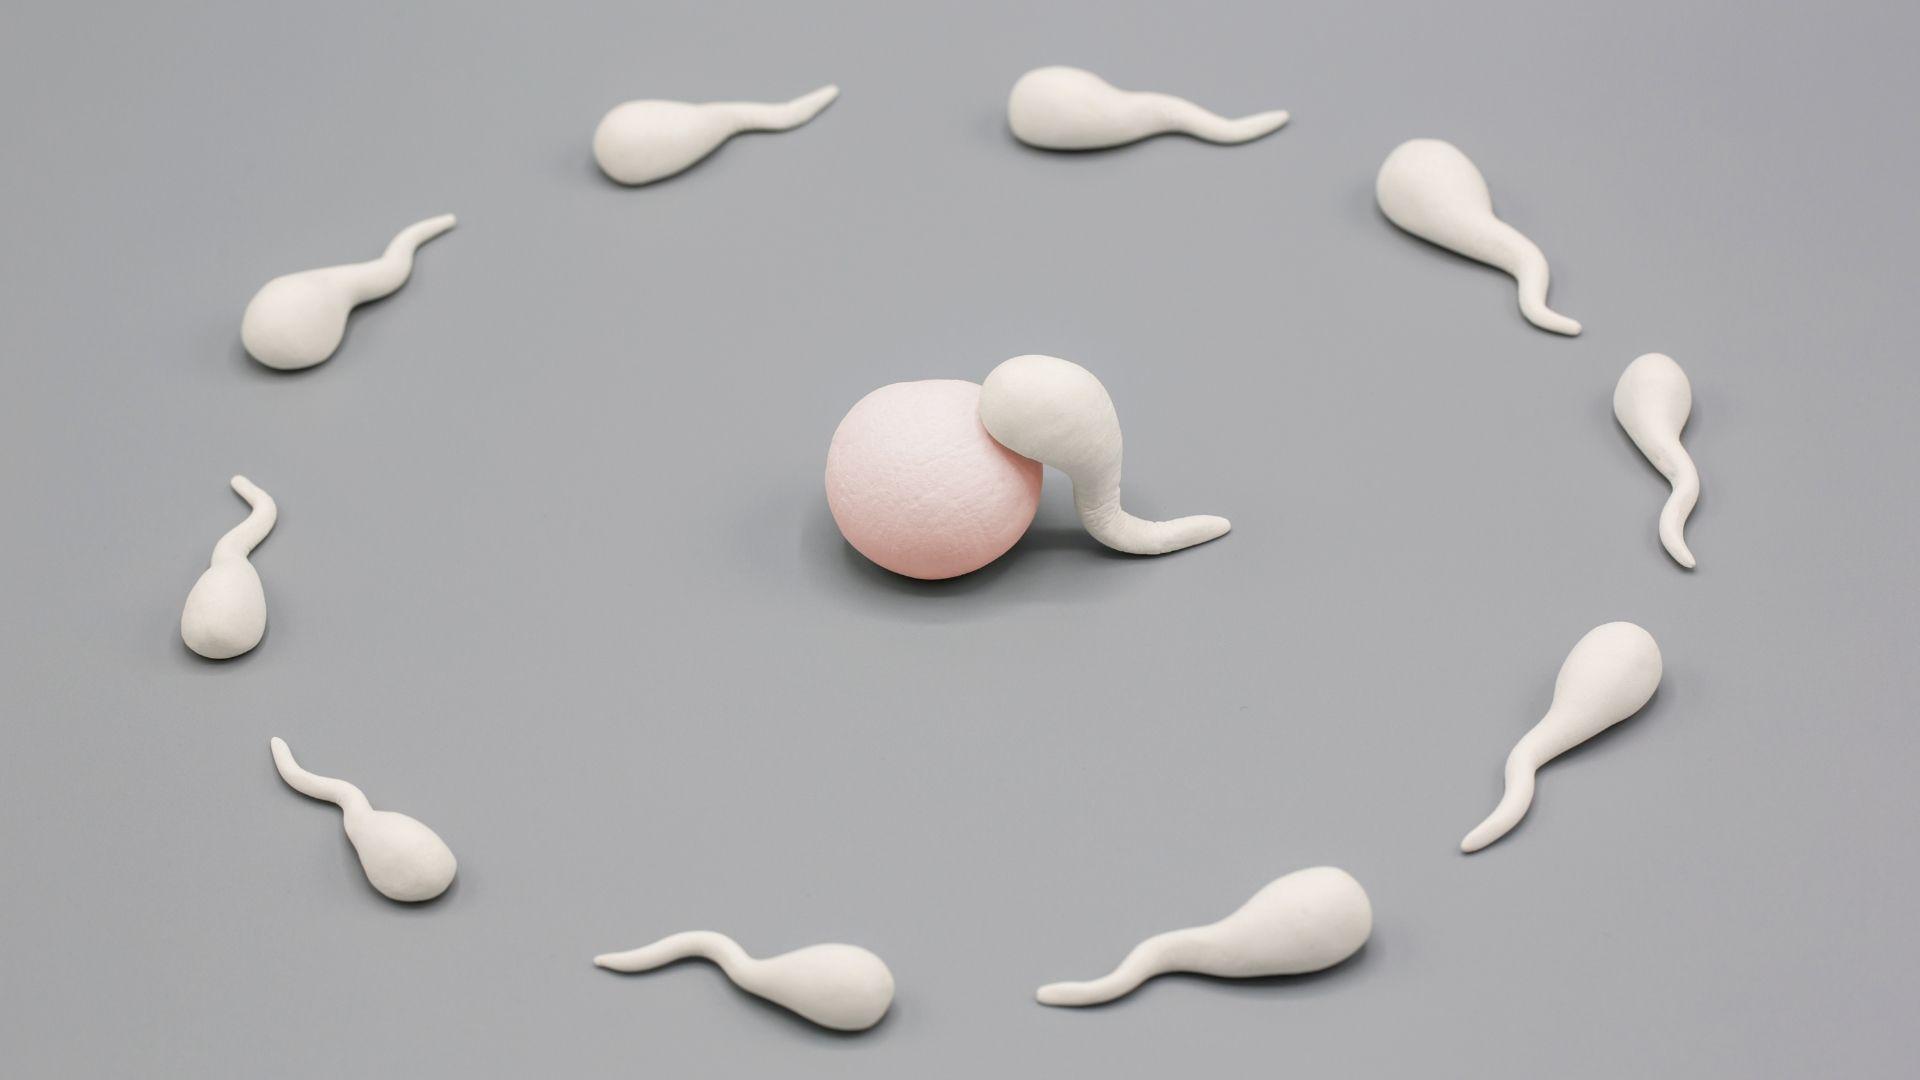 Óvulo y espermatozoides